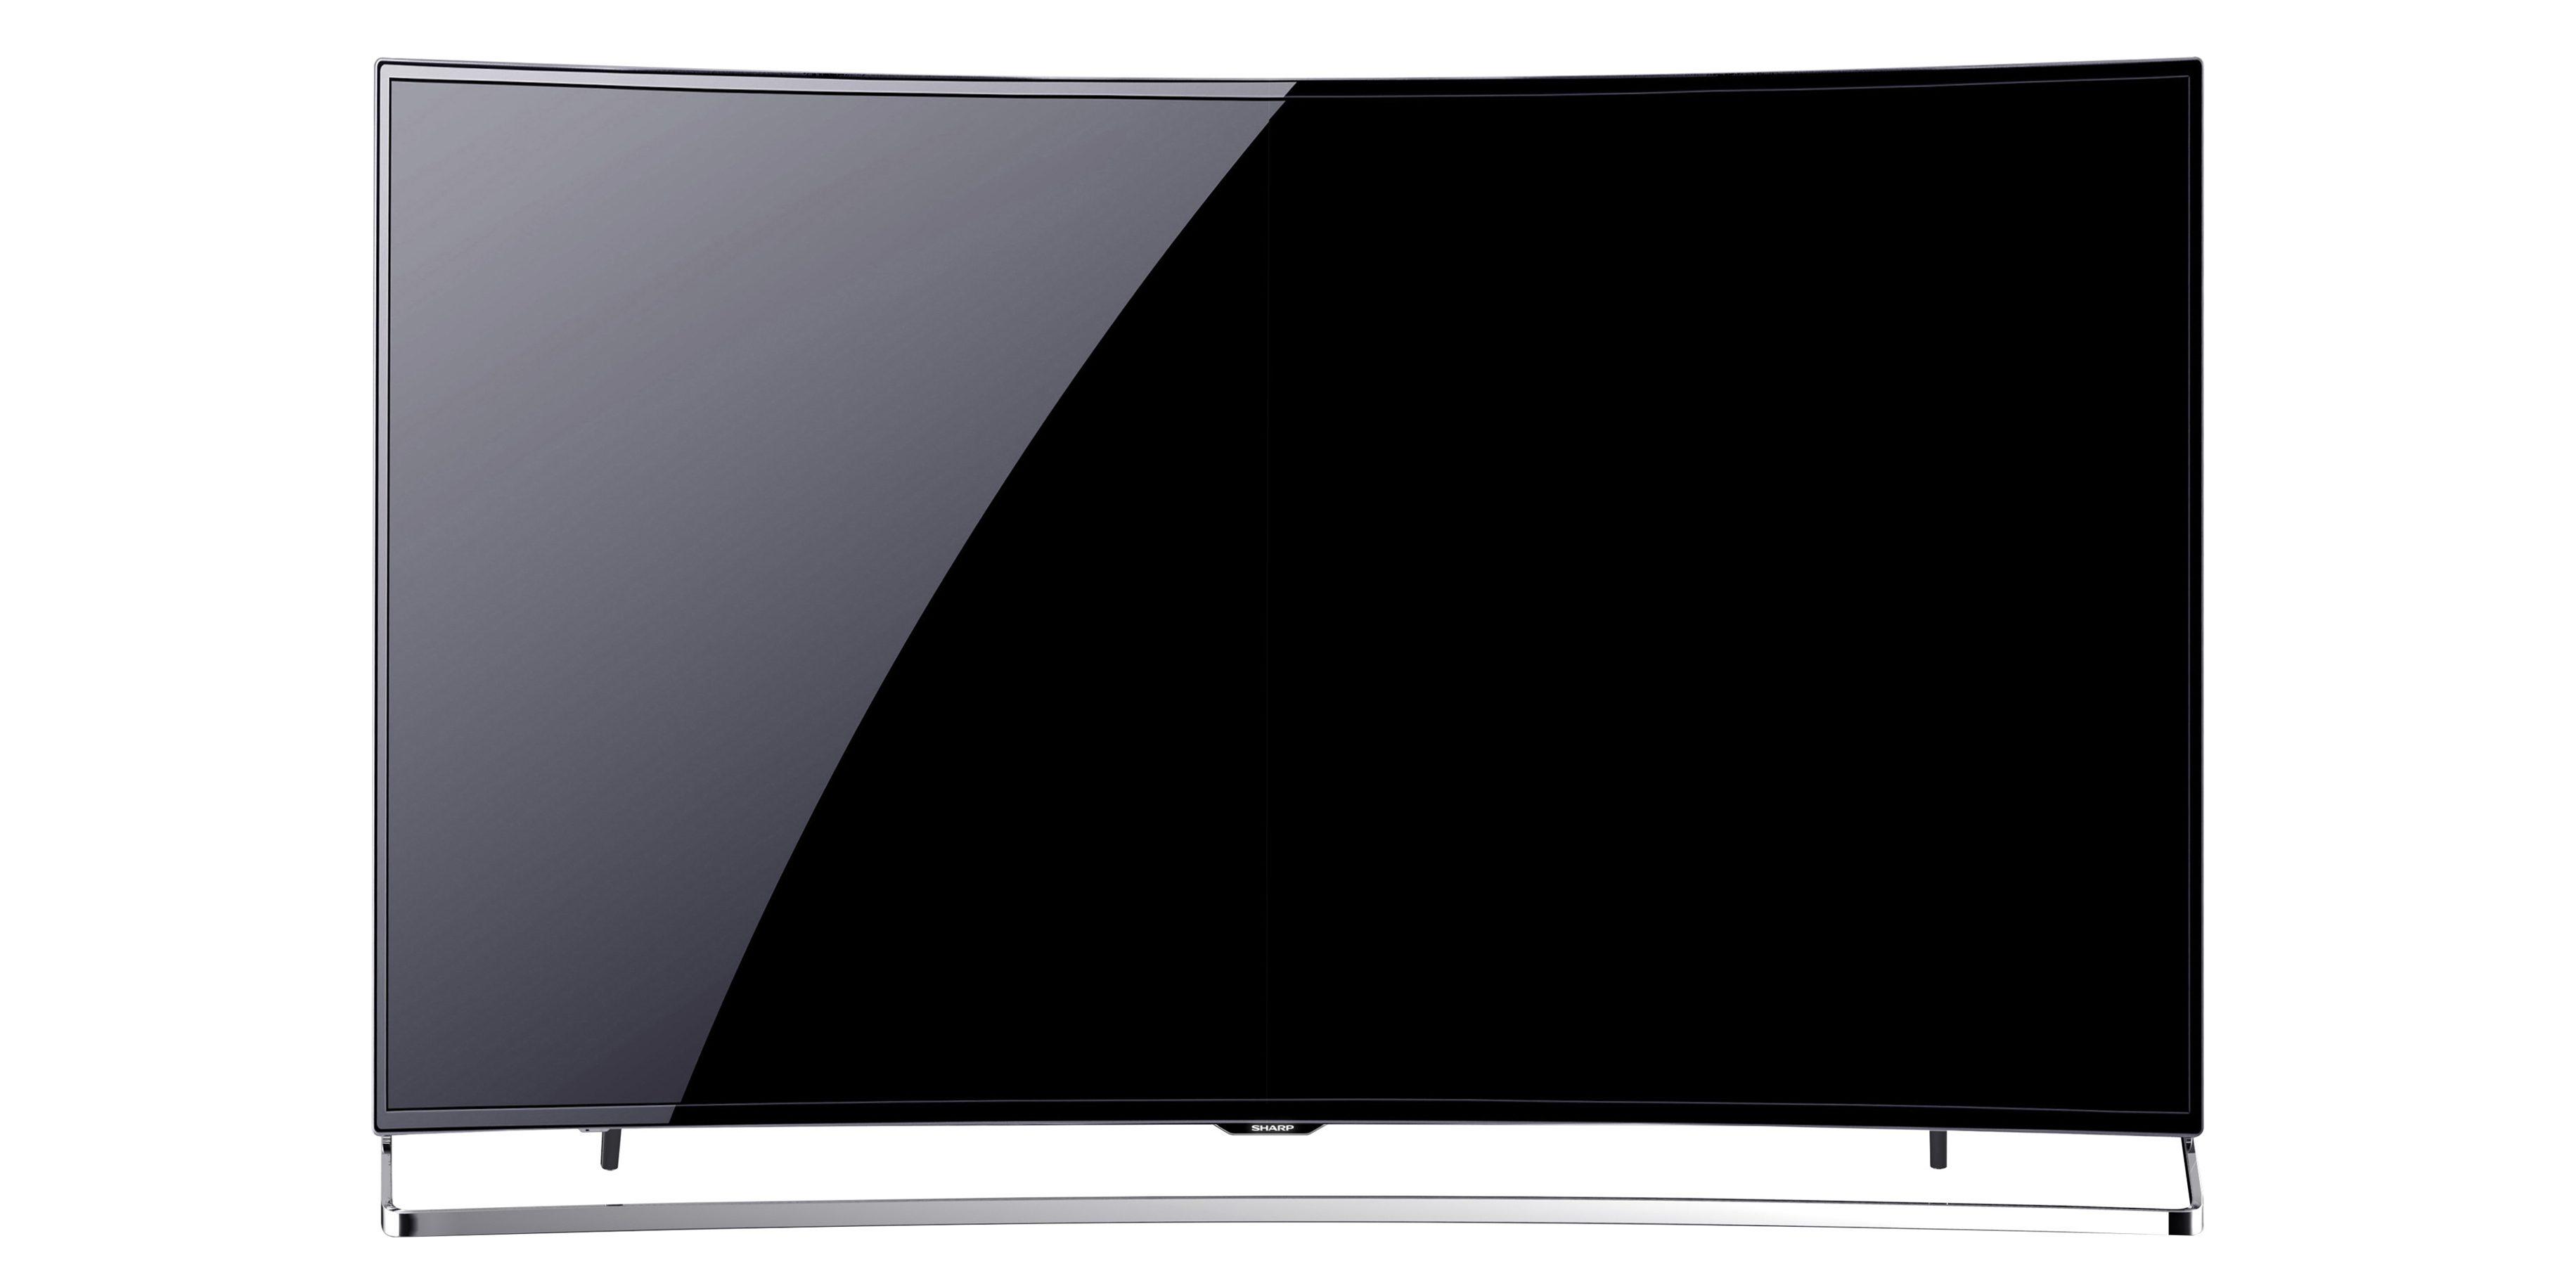 sharp-65n9000u